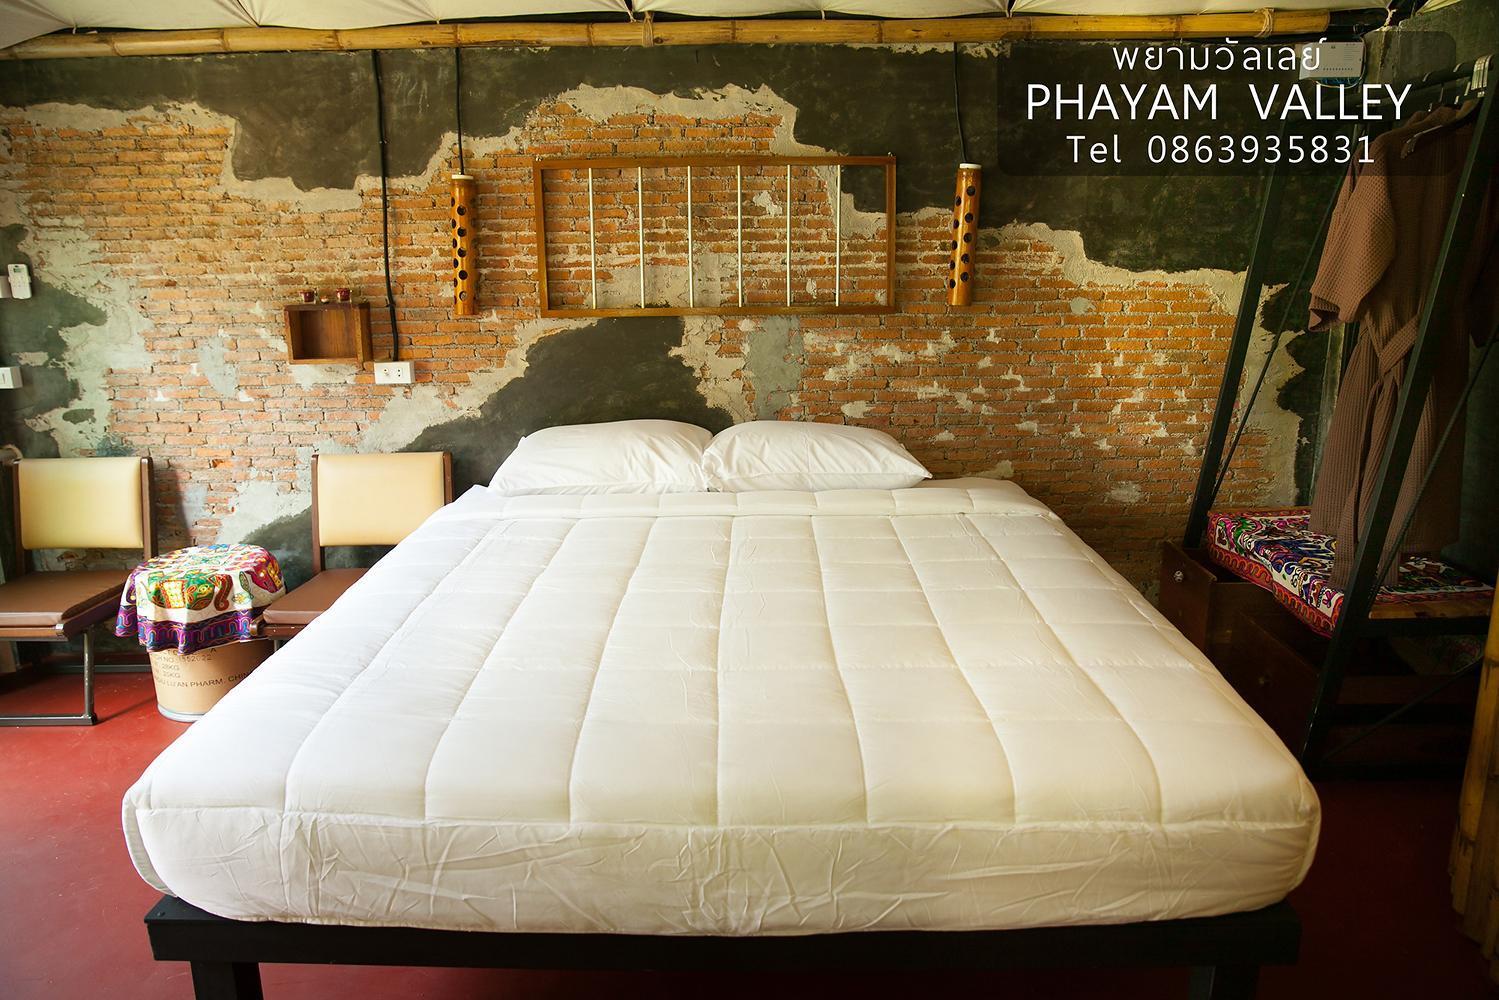 Phayam Valley